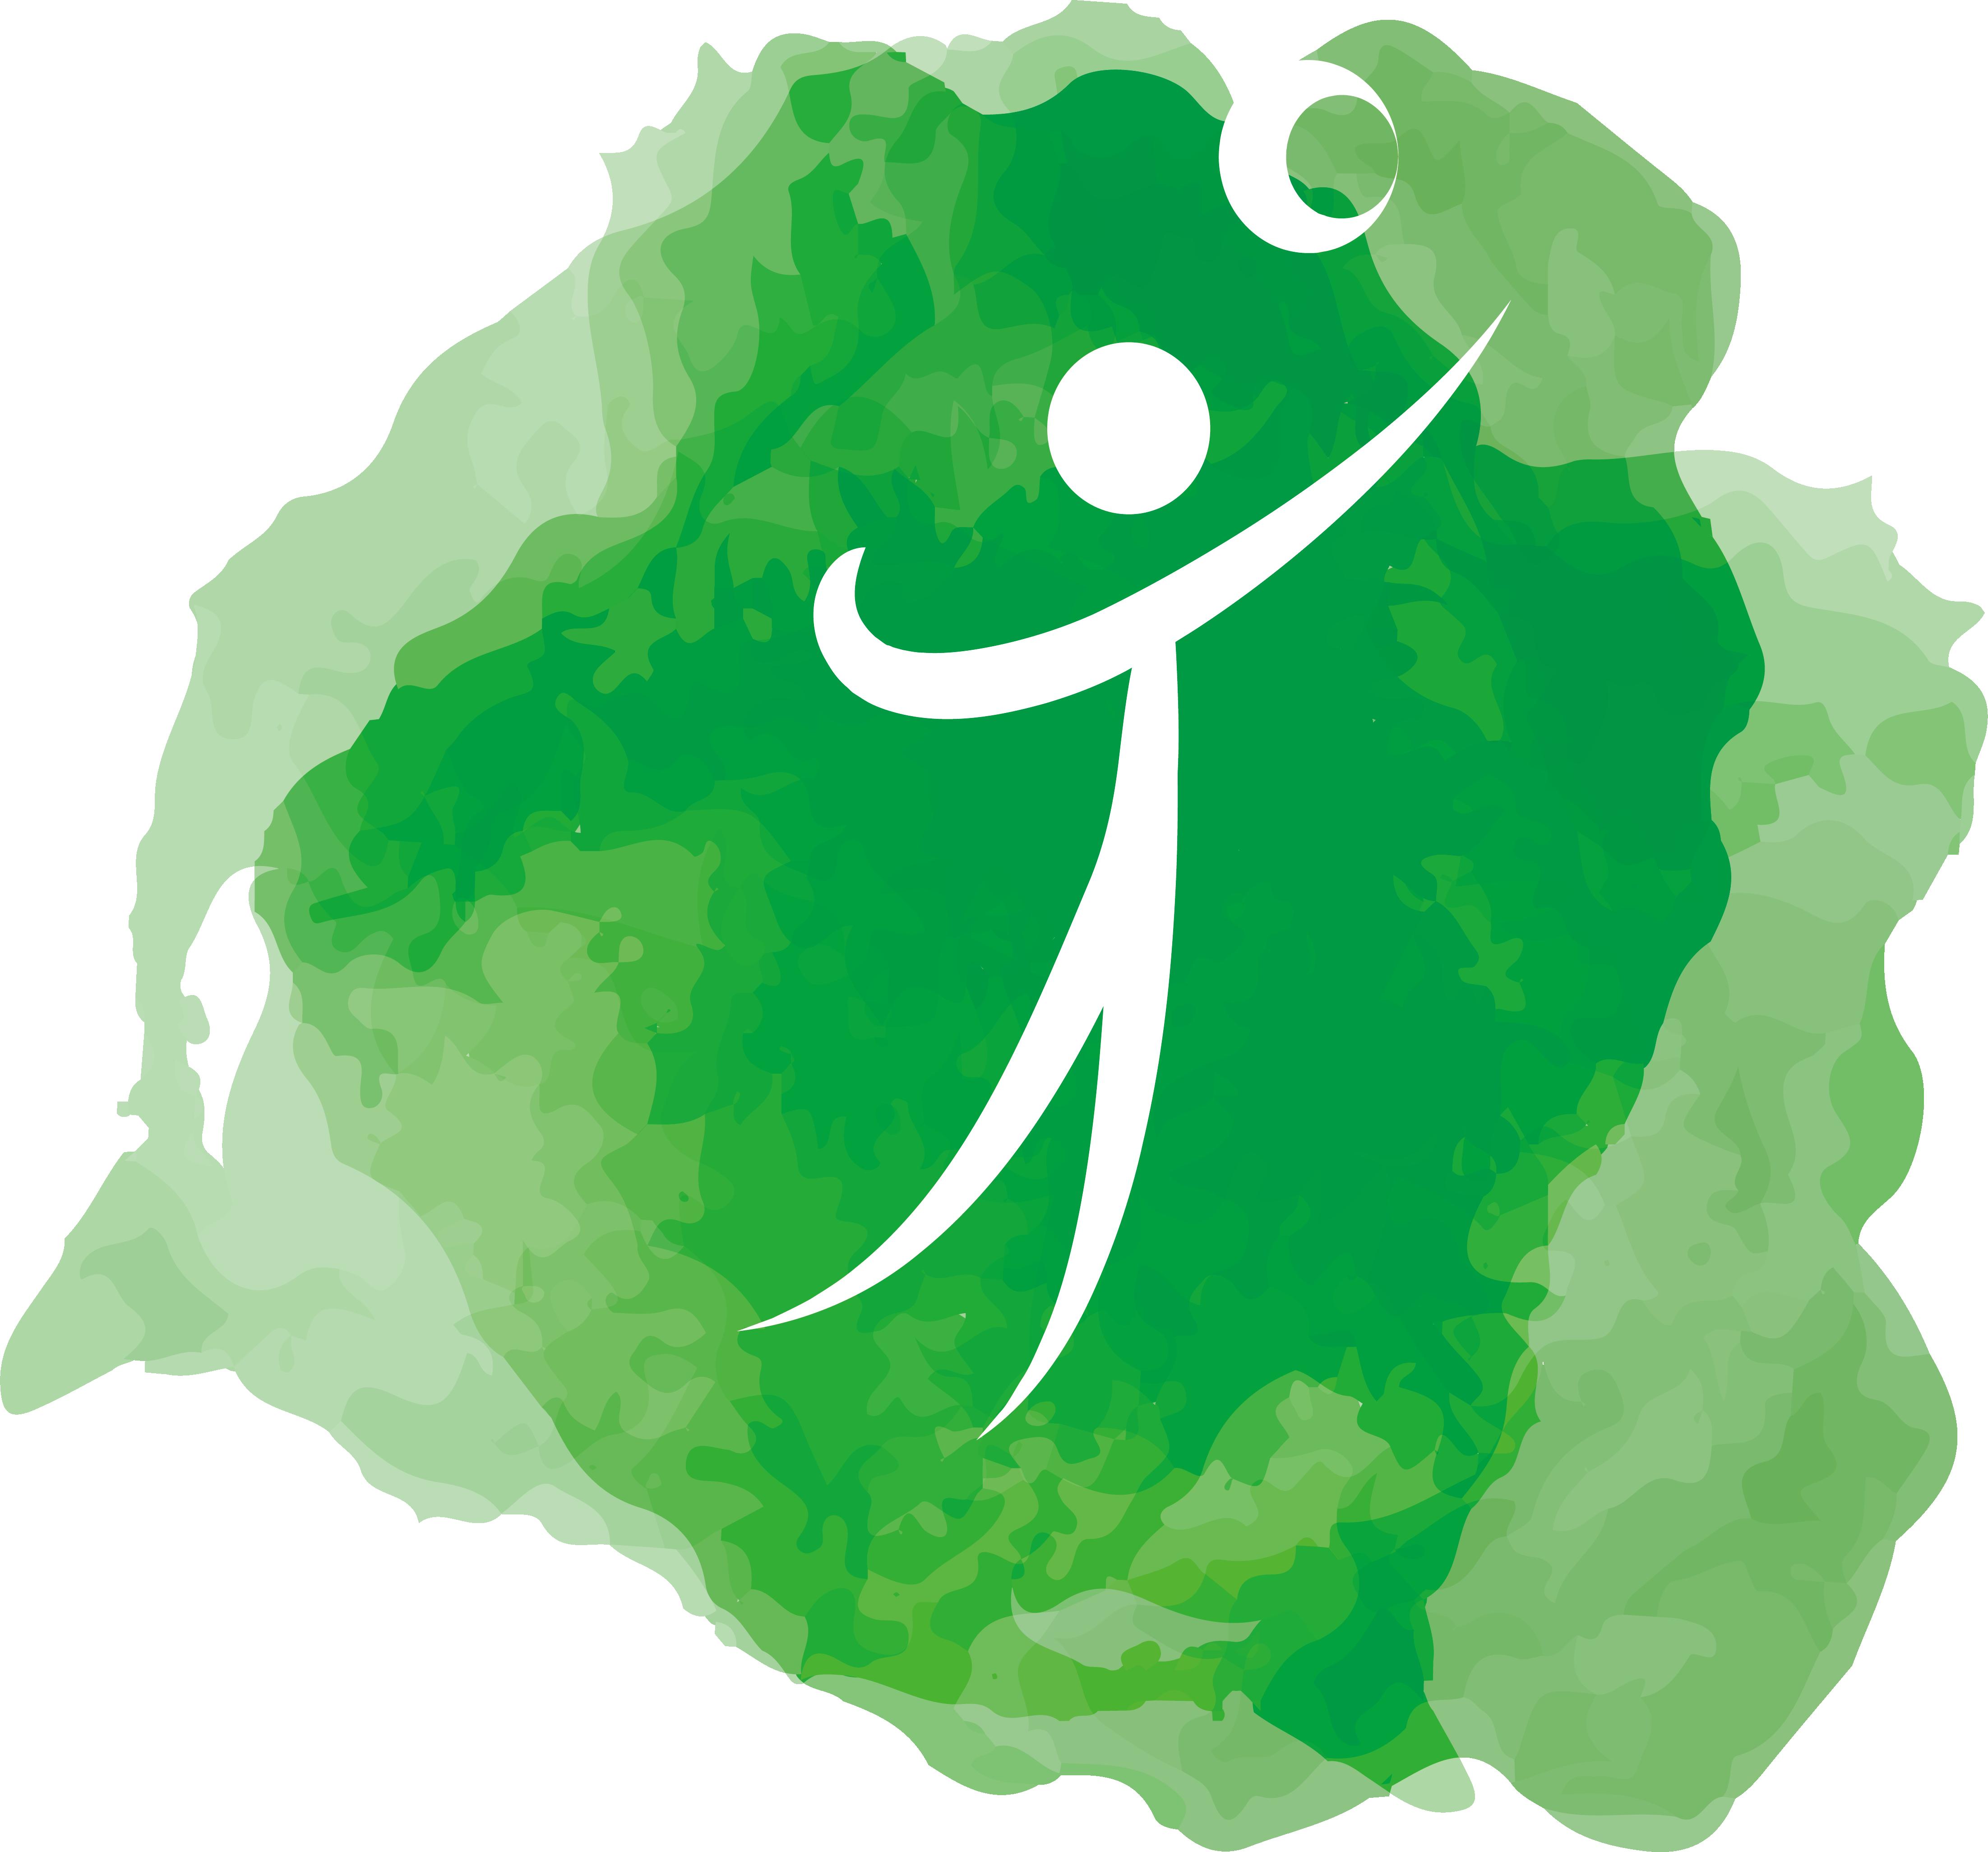 clipart Grass clipart volleyball. Logo design transprent png